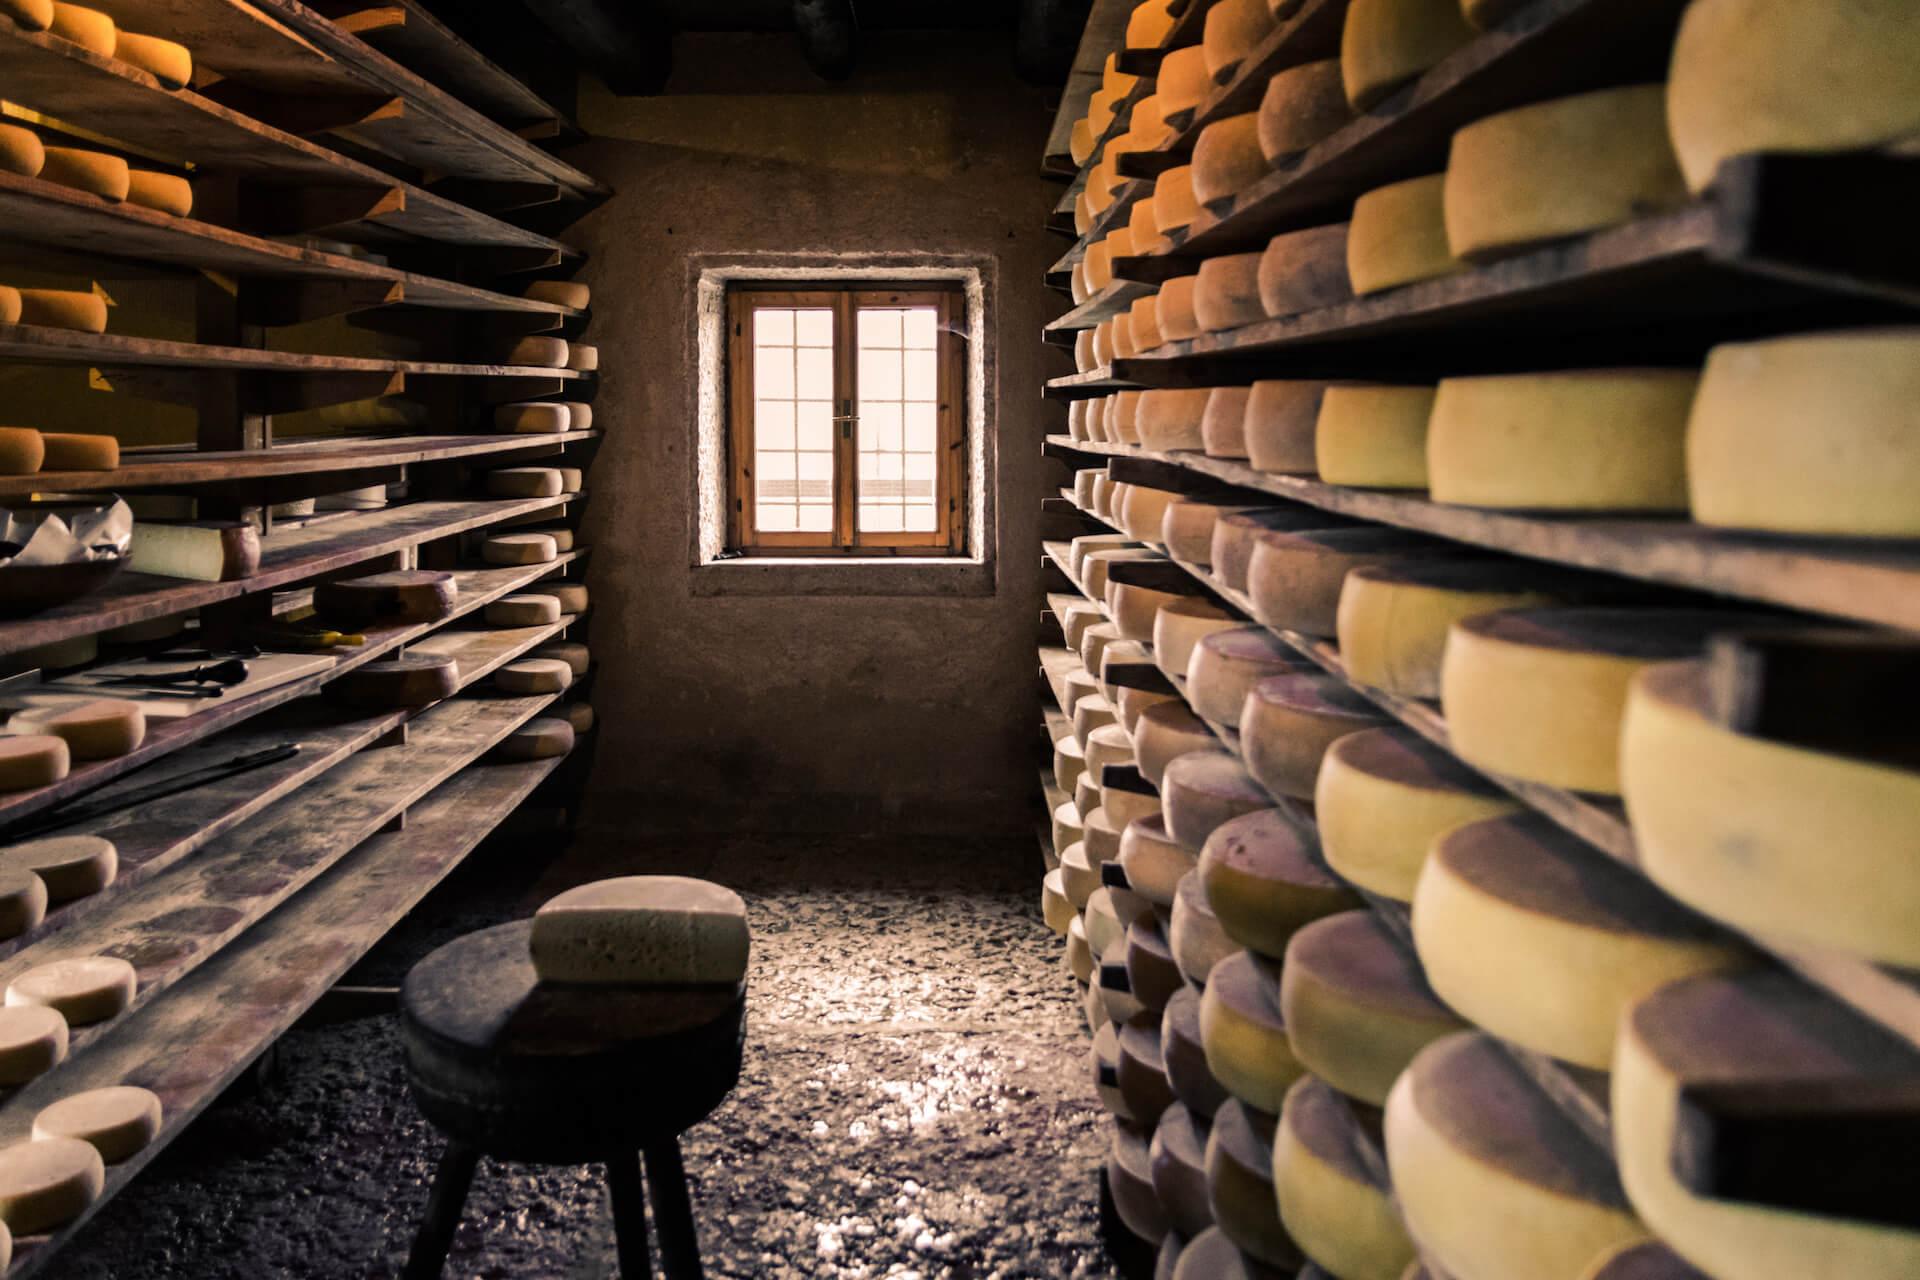 L'art de la fabrication du fromage en 5 étapes